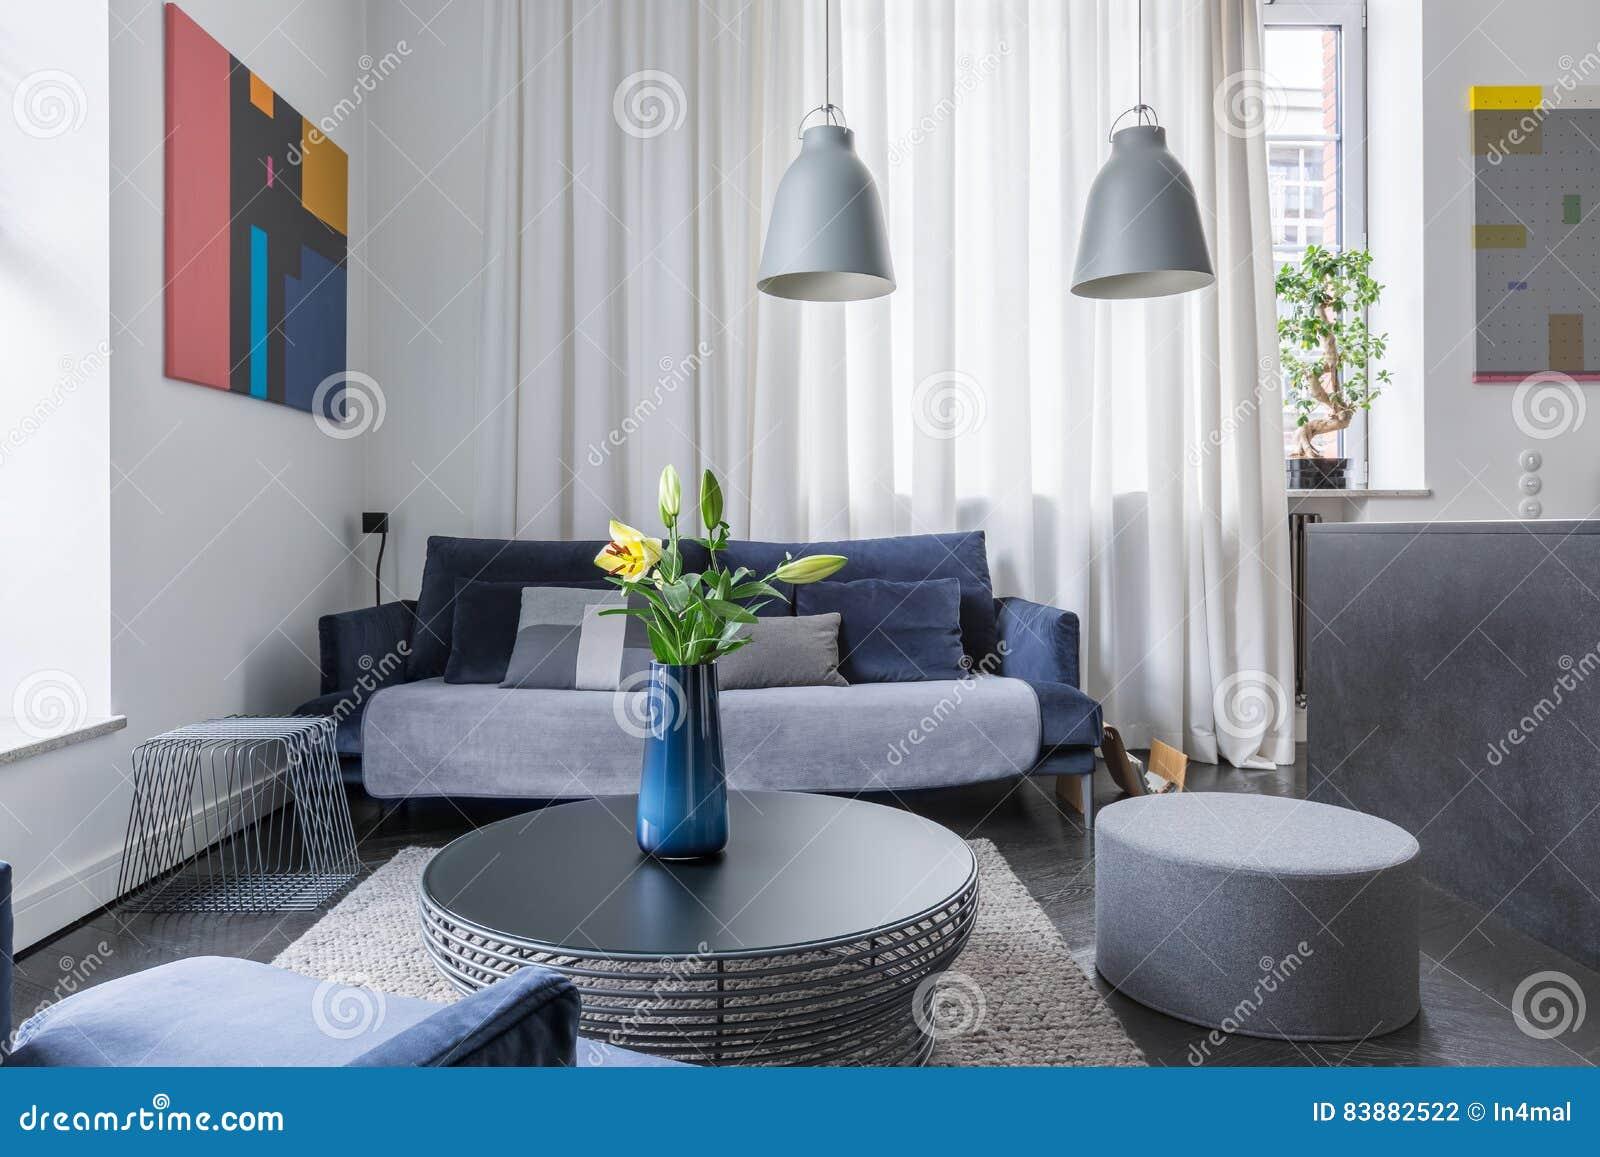 Wohnzimmer Mit Dunklen Möbeln Stockfoto - Bild von ...